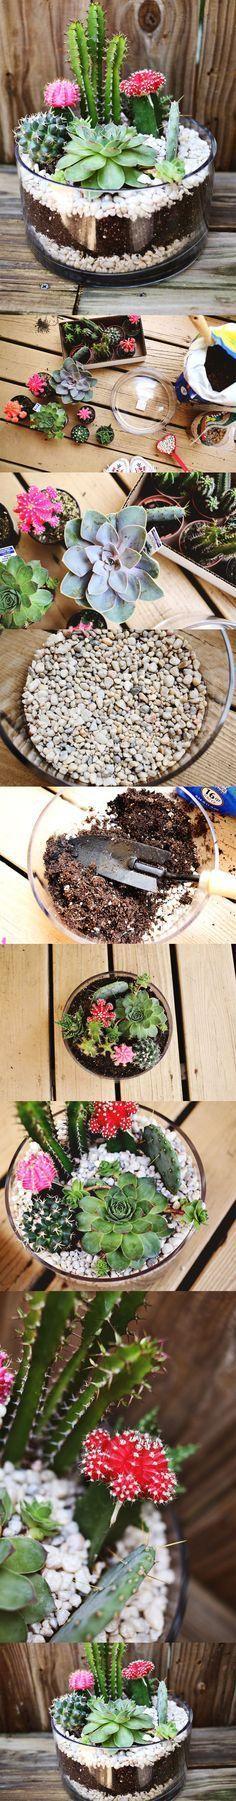 terrarium! cacti terrarium, succulent container garden, succulents, DIY terrarium #containergardening